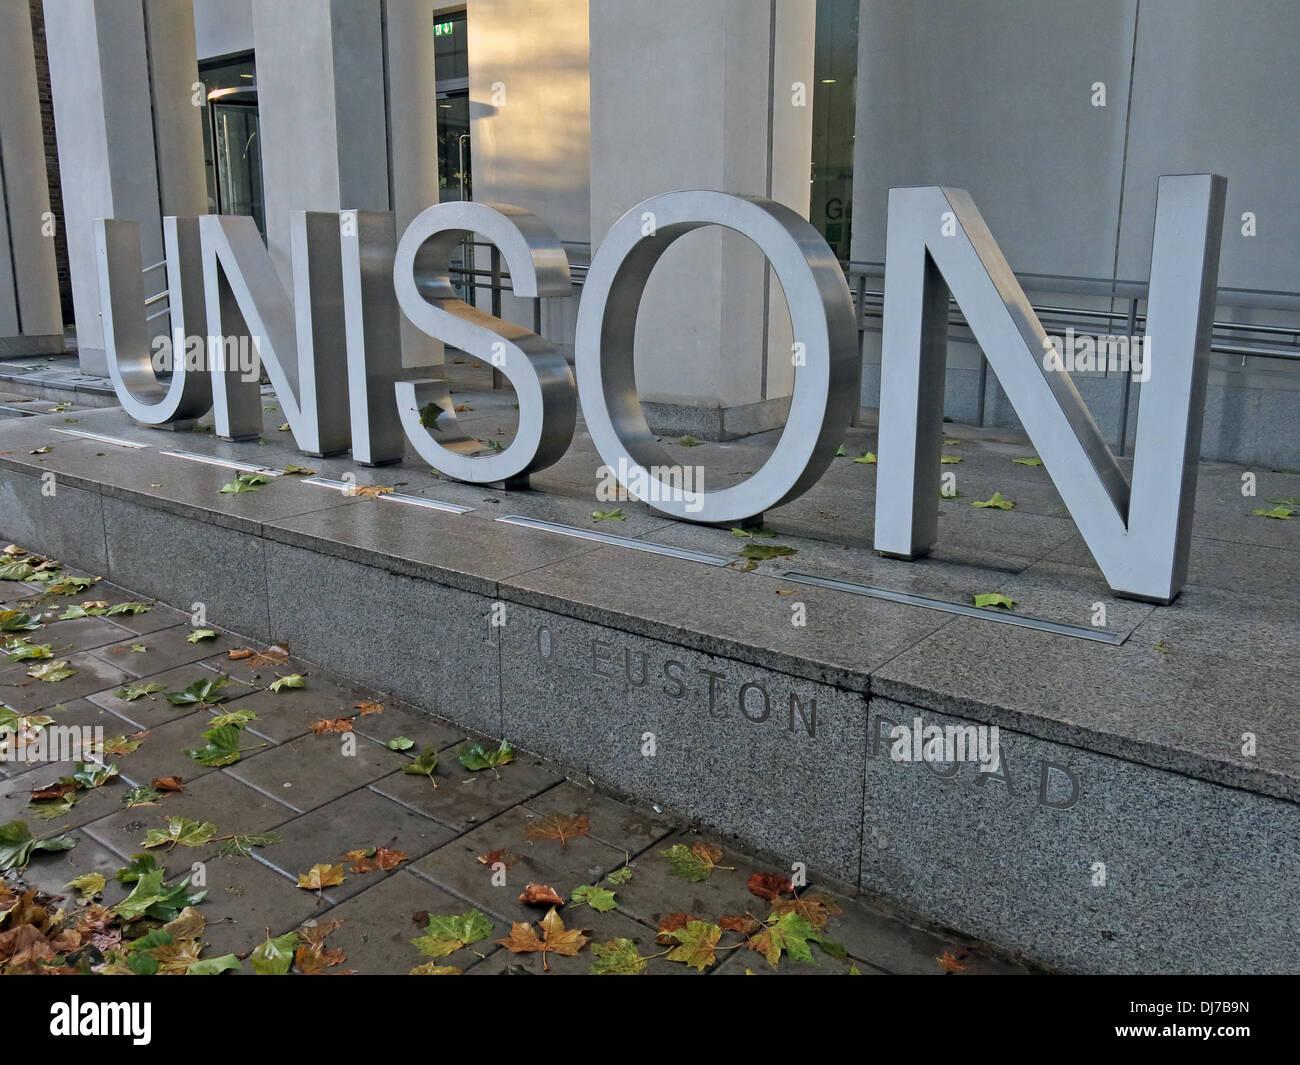 Unison building 130 Euston rd London England UK - Stock Image